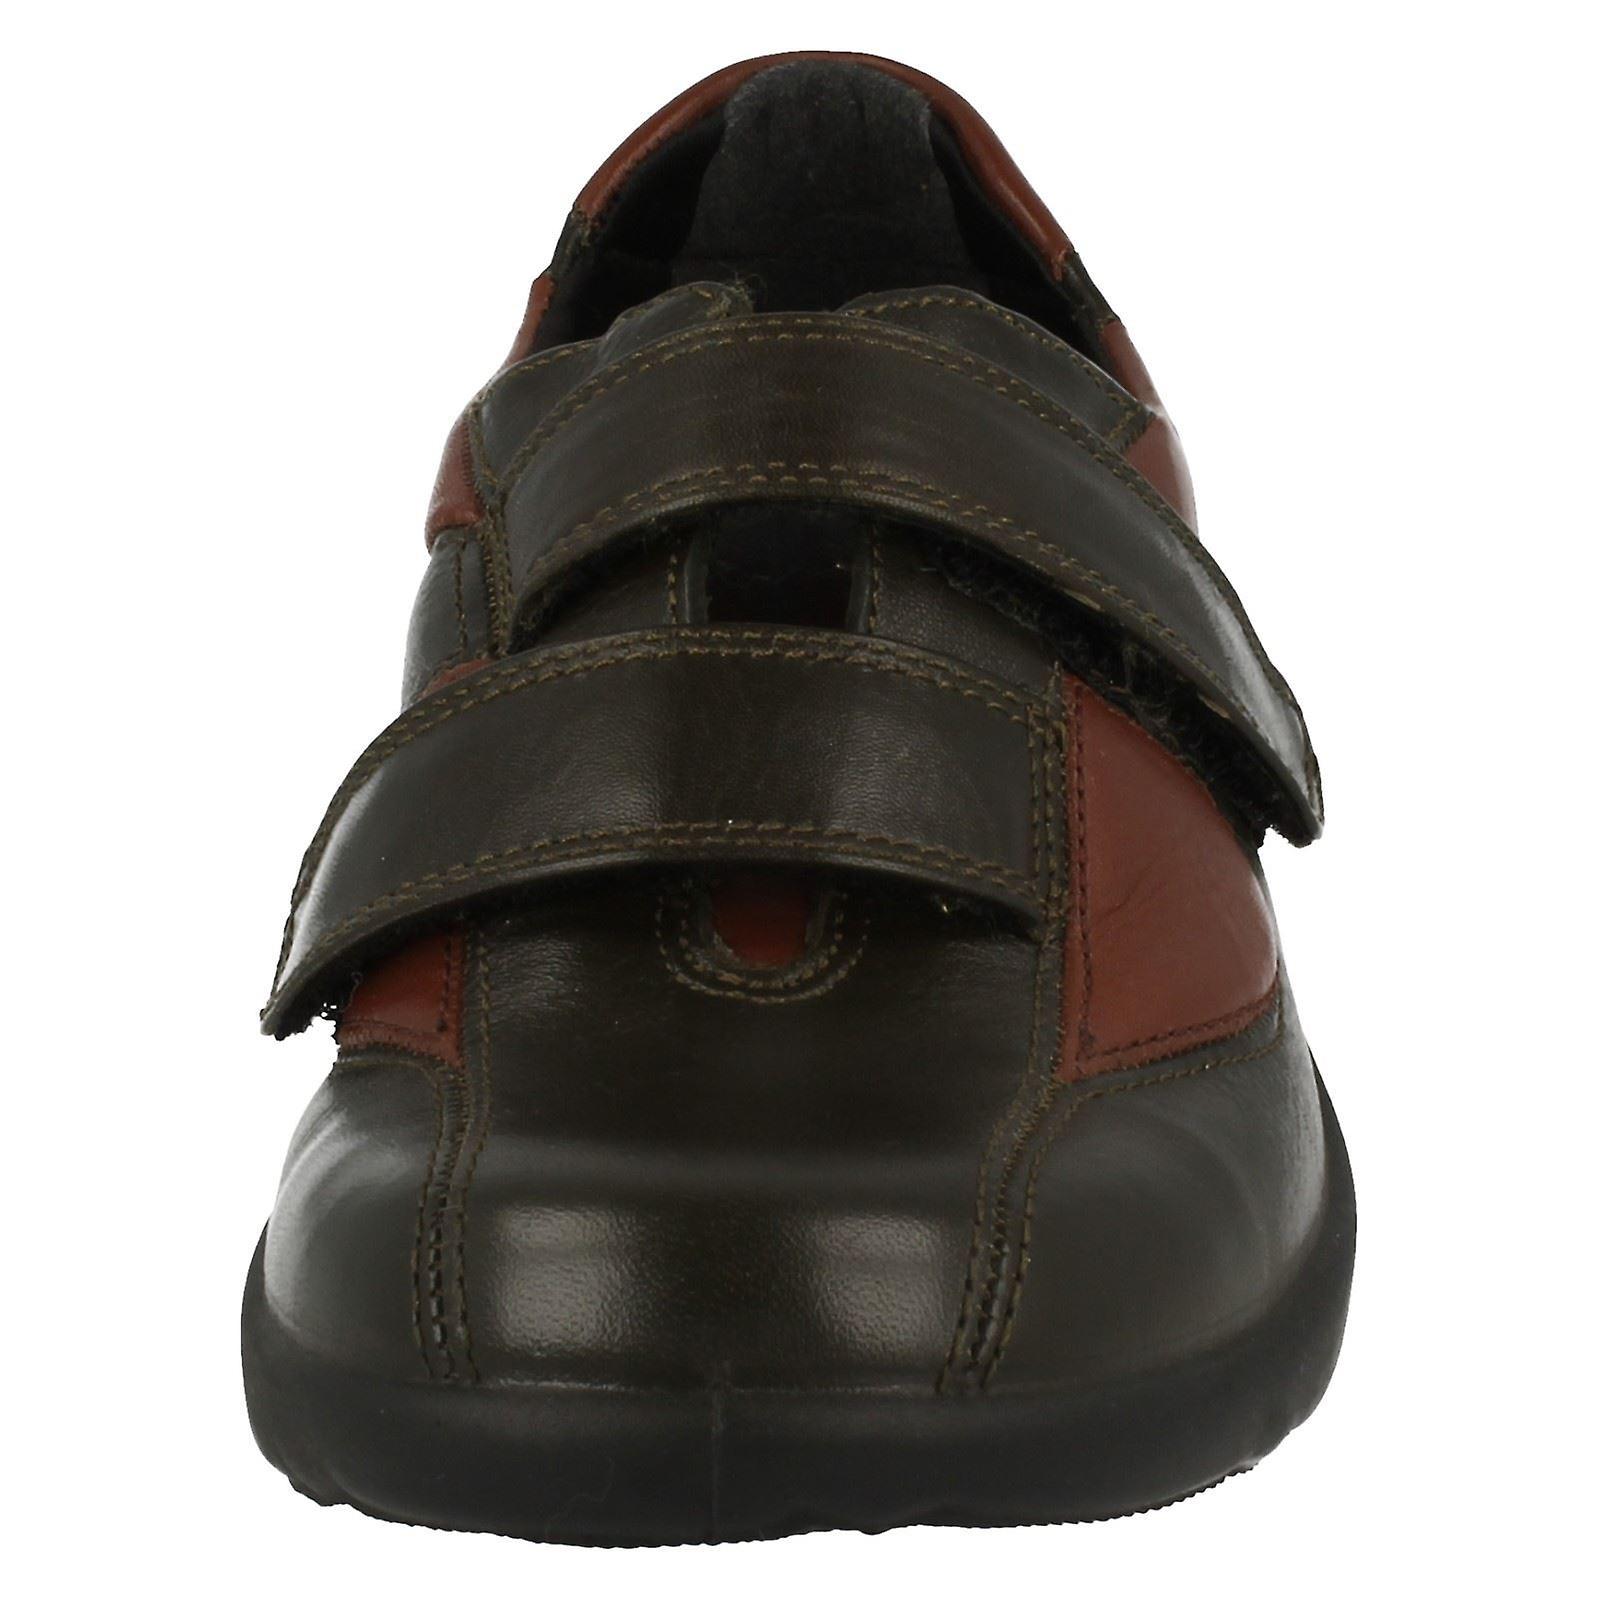 B Shoes Easy Shoes Ladies B Tulip Ladies Tulip Easy Yw4CAq5